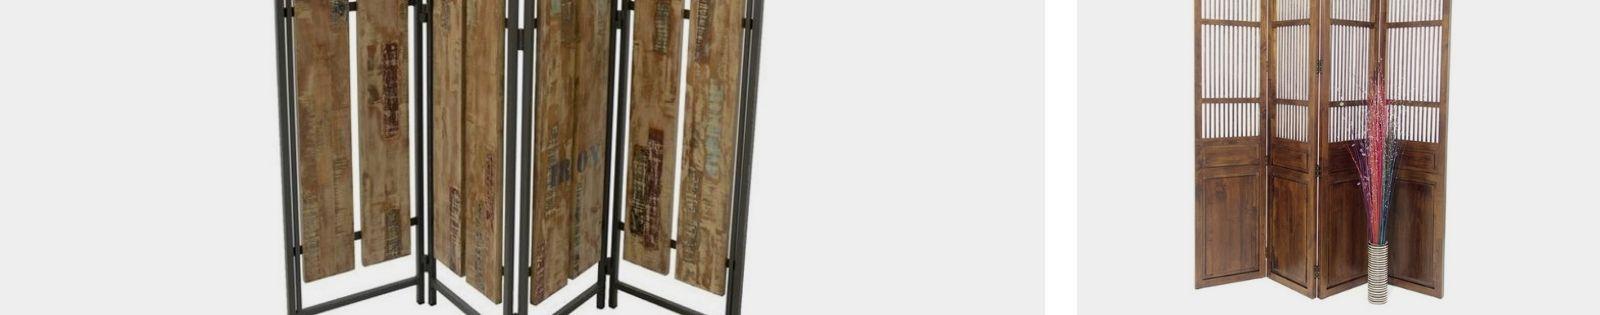 Paravents : meubles de qualité. Haut de gamme. Le Monde du Lit